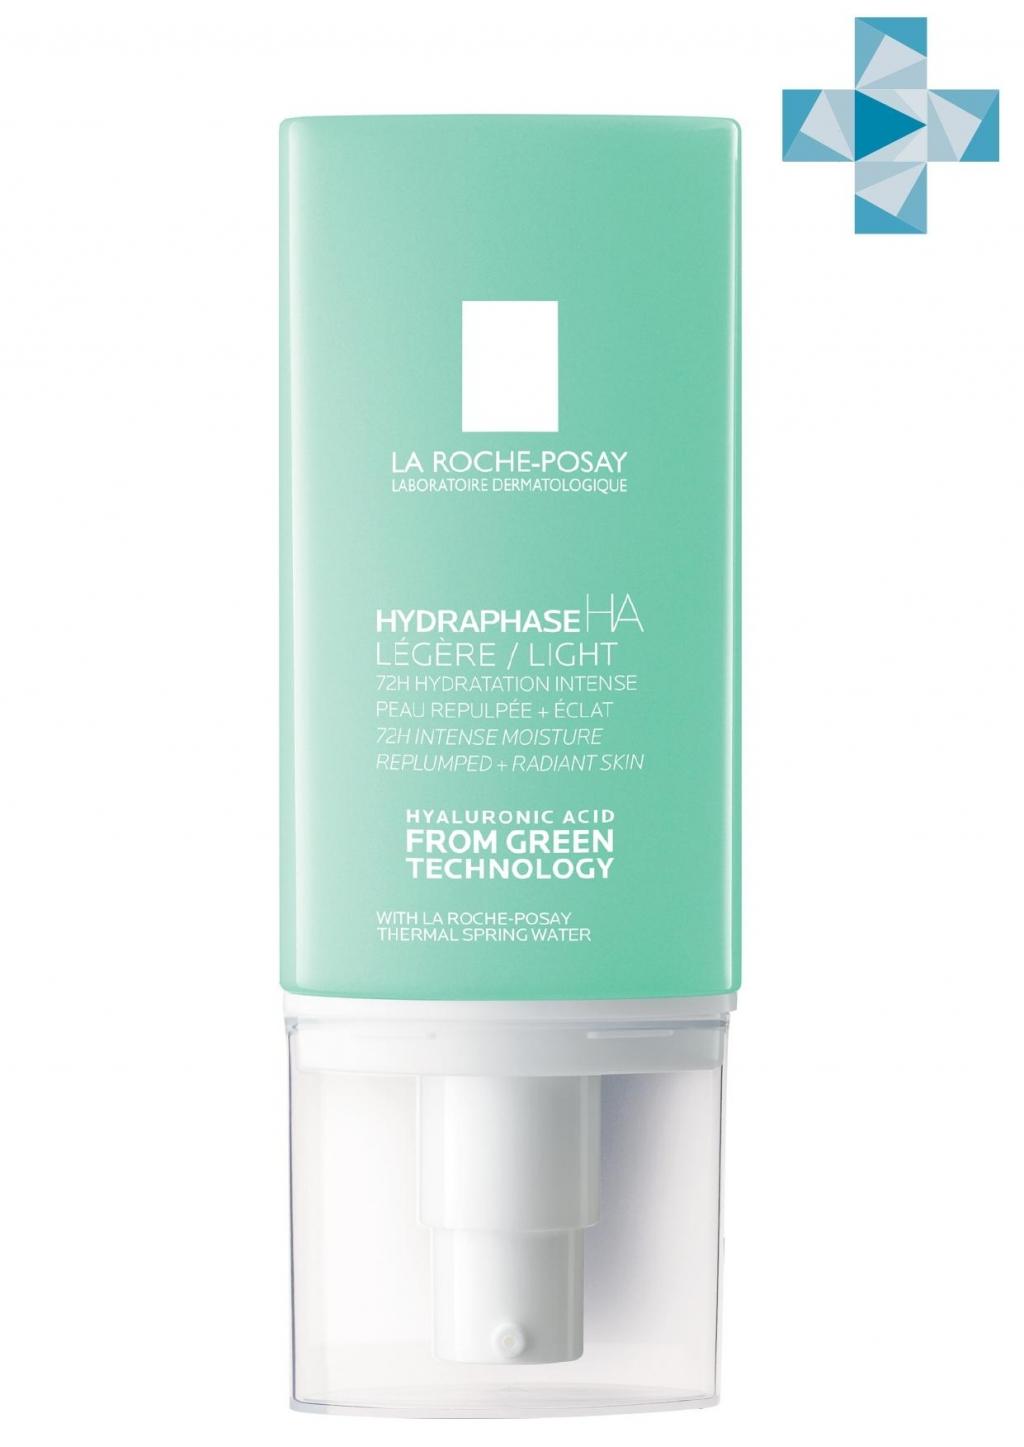 Купить La Roche-Posay Легкий крем для интенсивного увлажнения 50 мл (La Roche-Posay, Hydraphase)